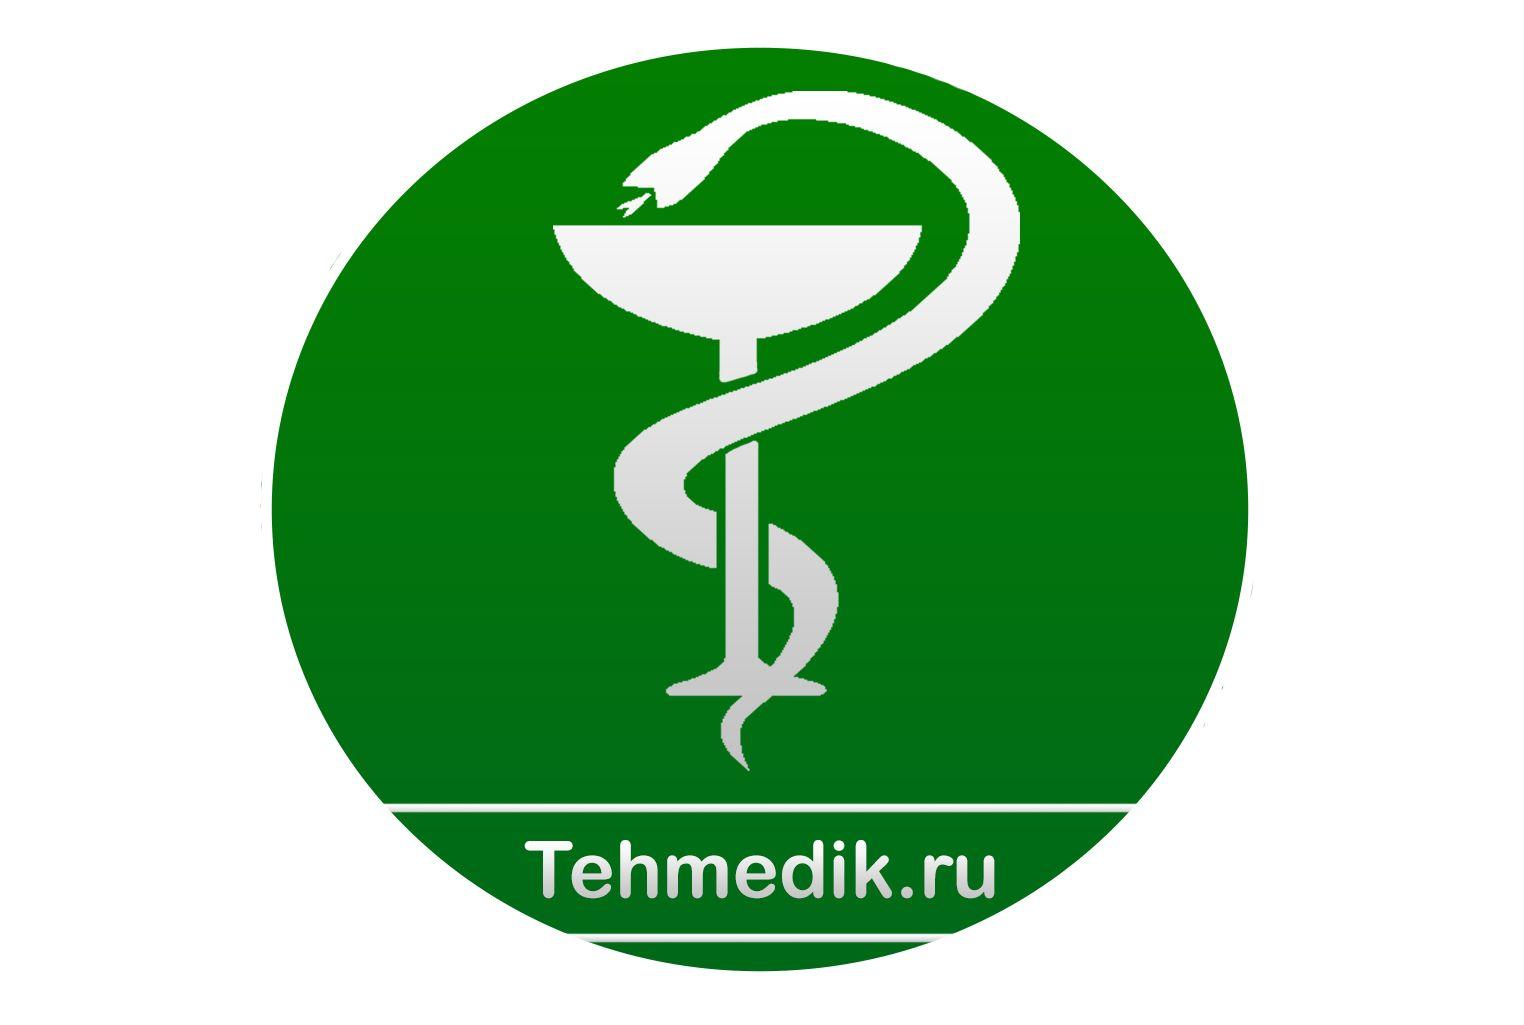 Логотип для интернет-магазина медтехники - дизайнер vlad7108